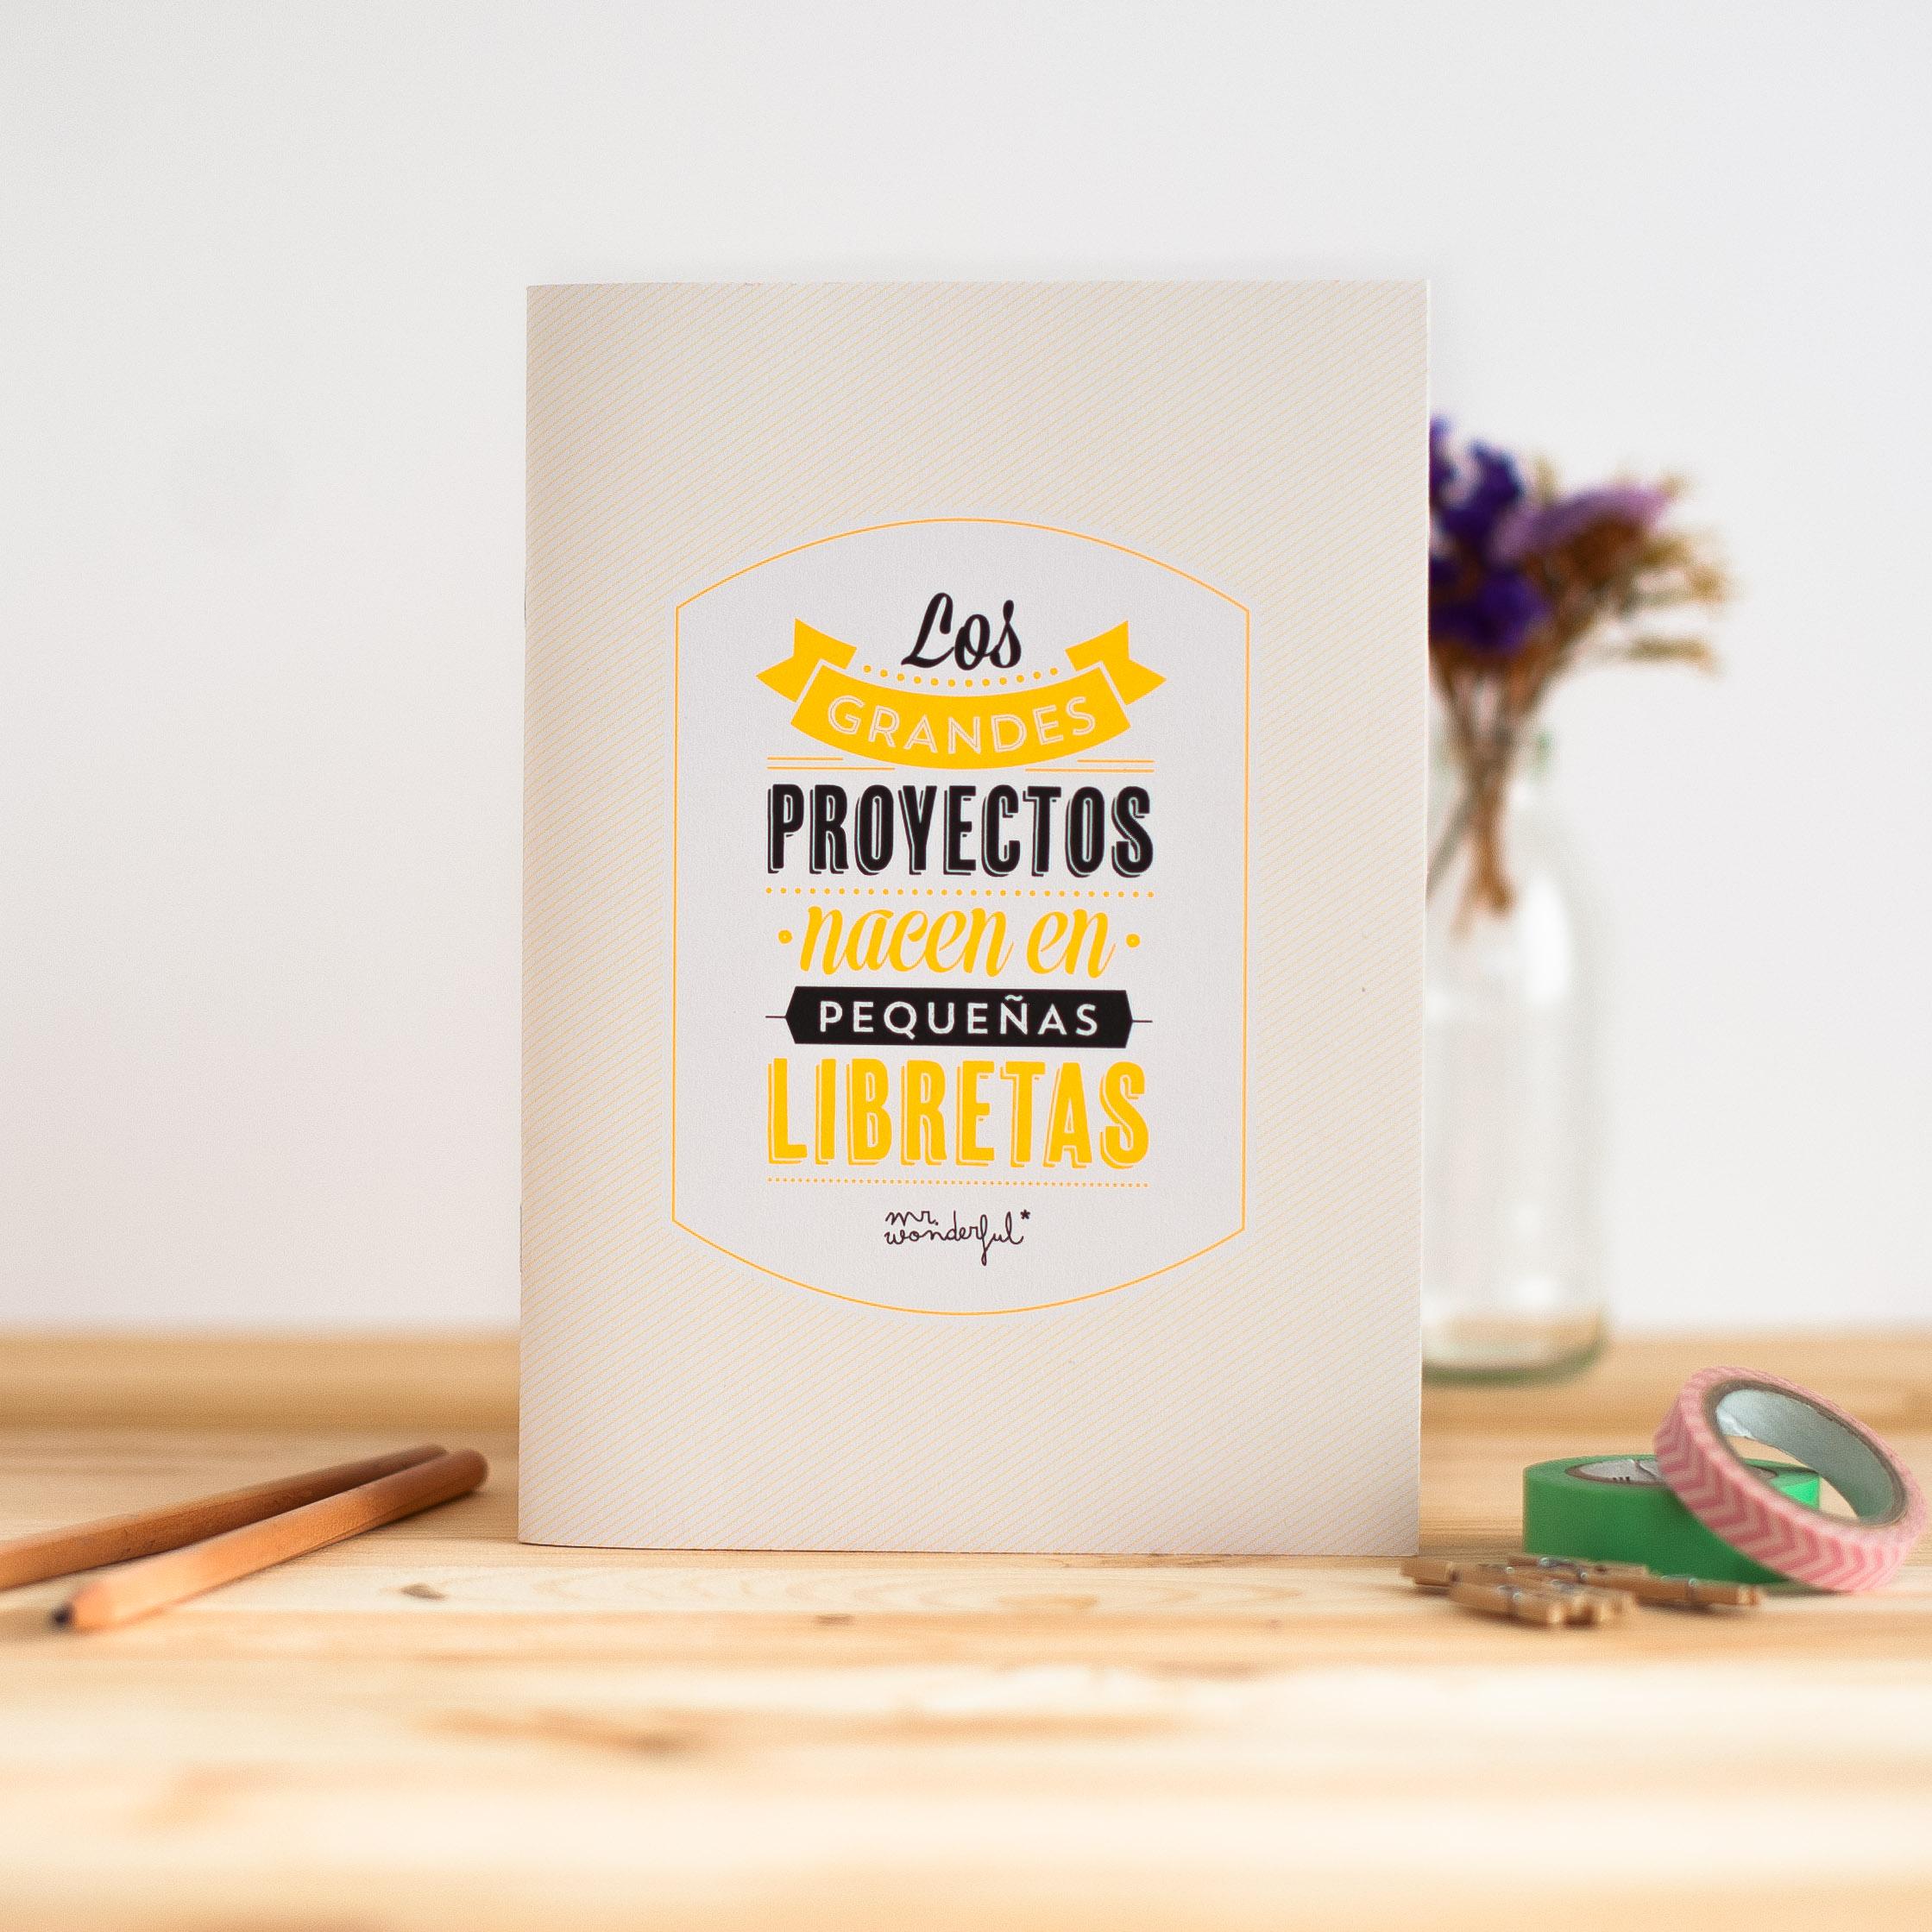 mrwonderful_lib27_libretas-libretas-cañeras-para-las-mejores-ideas-3